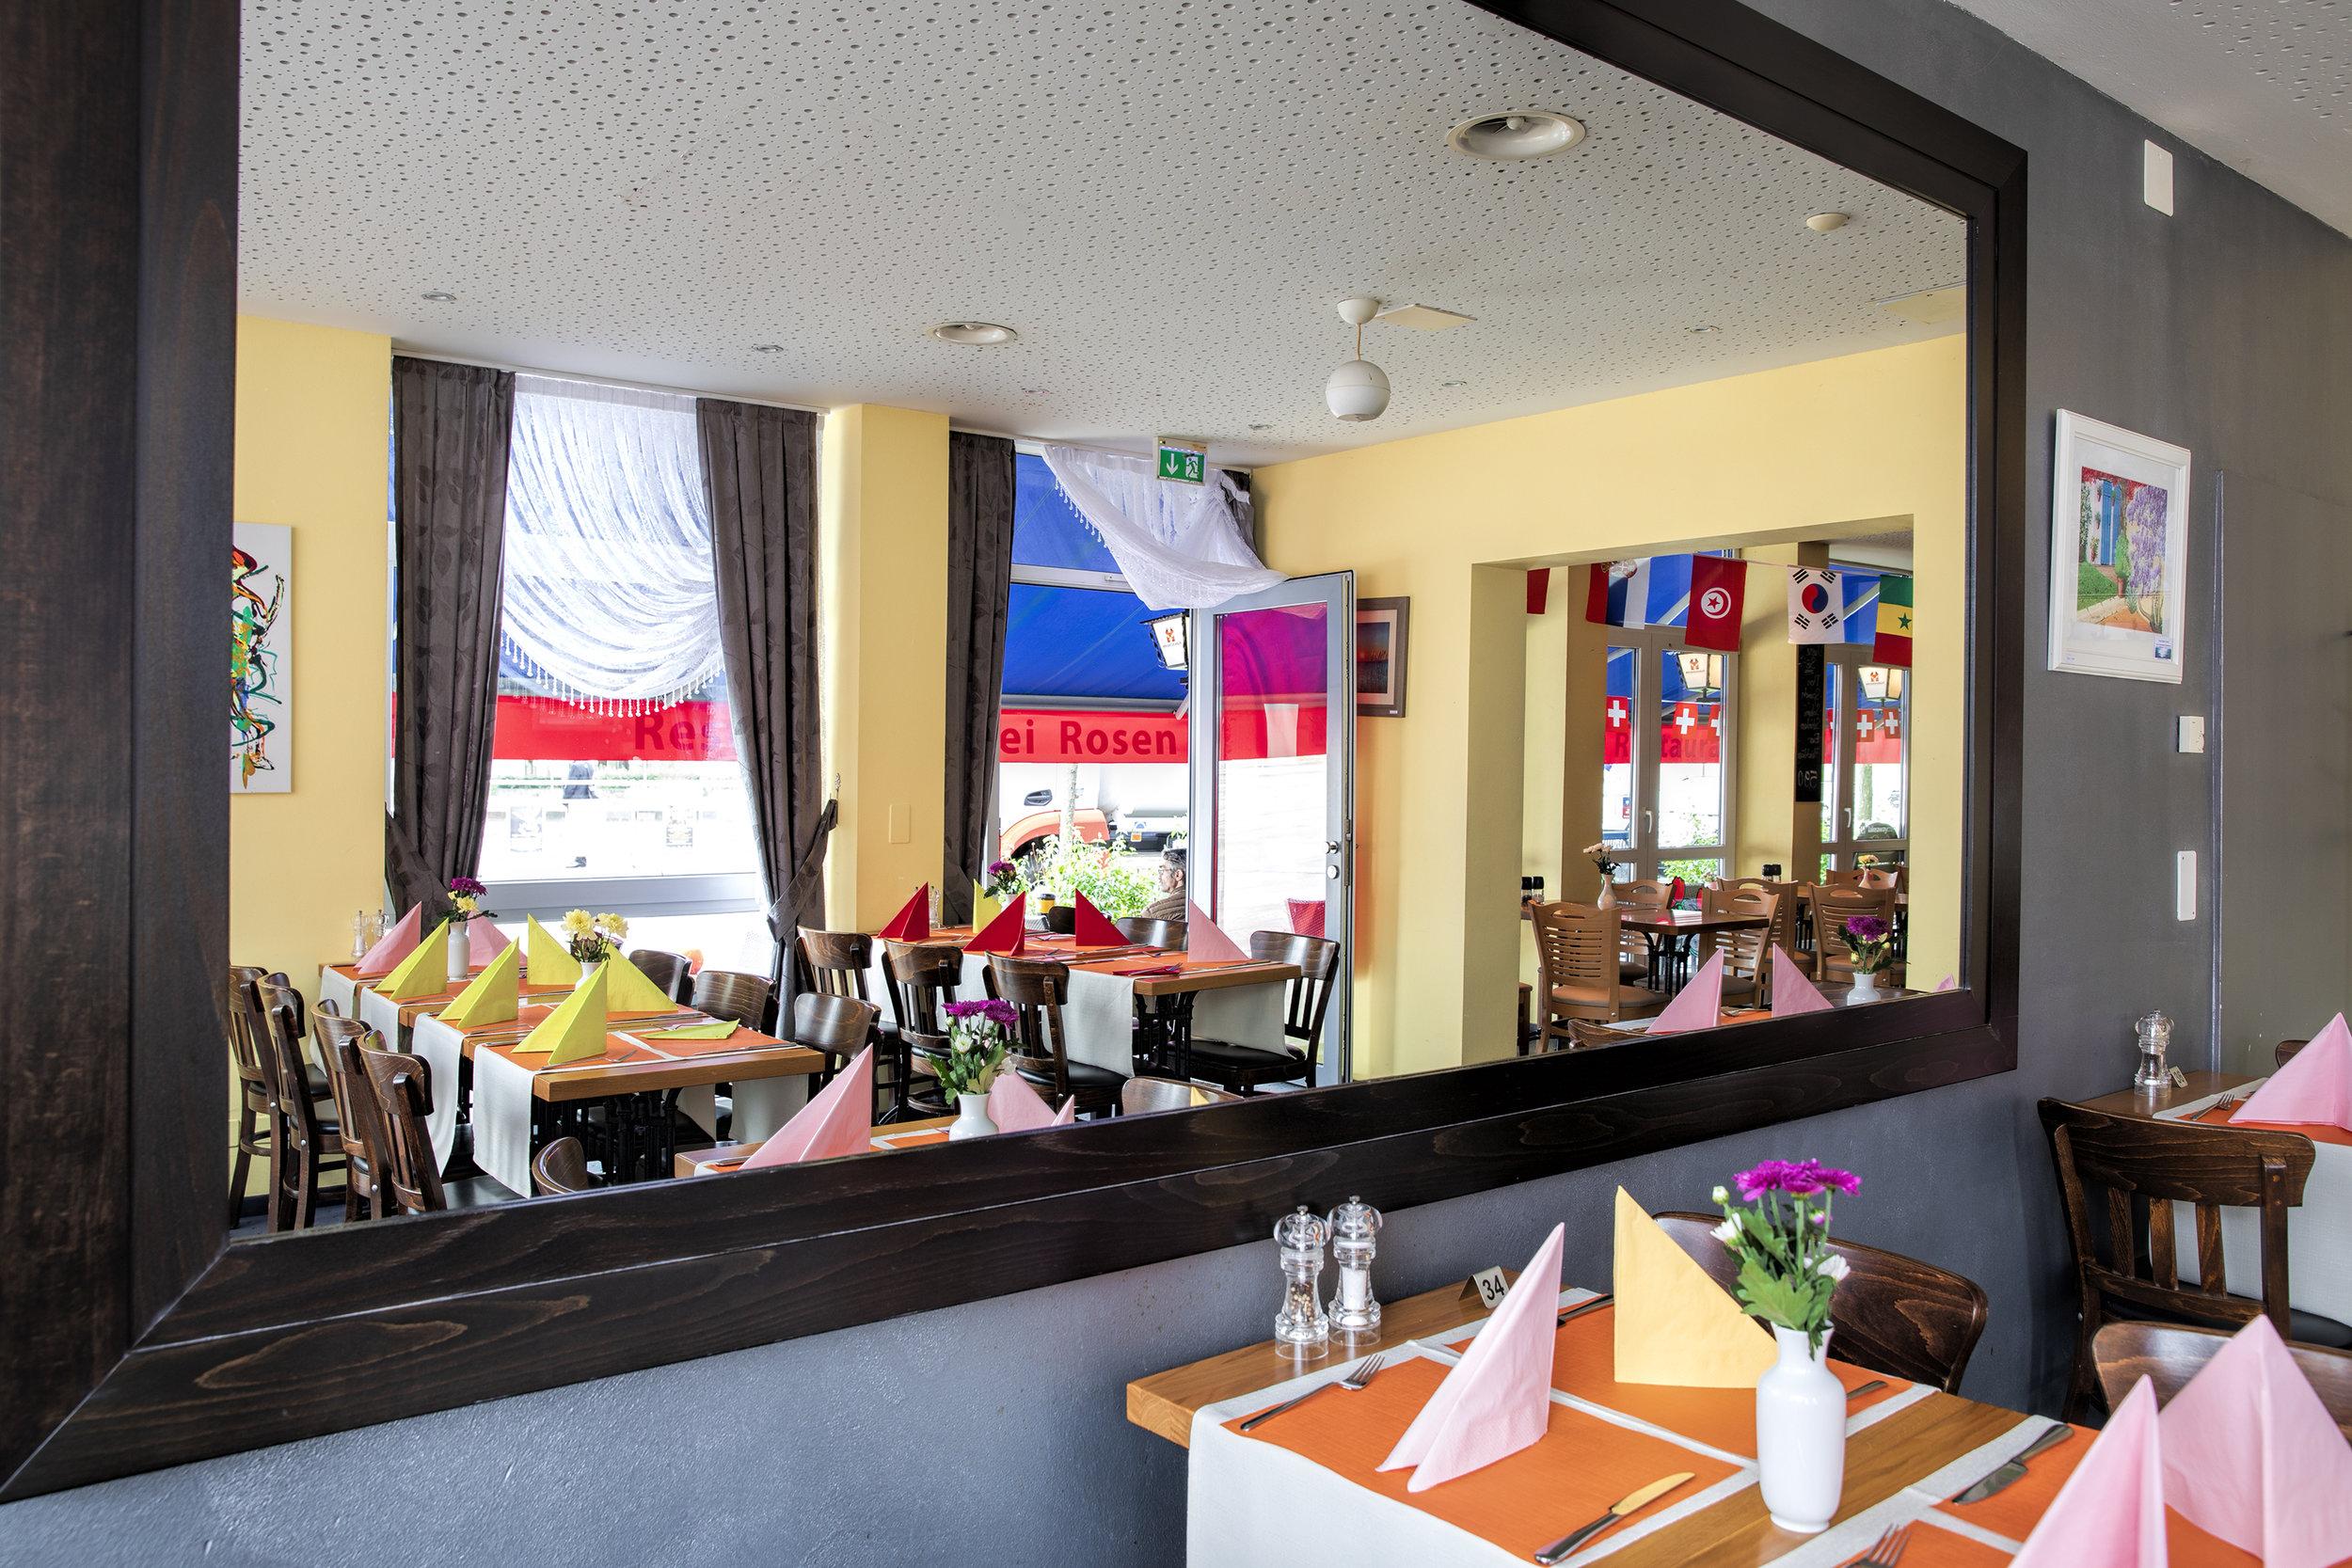 Restaurant-7332_web.jpg